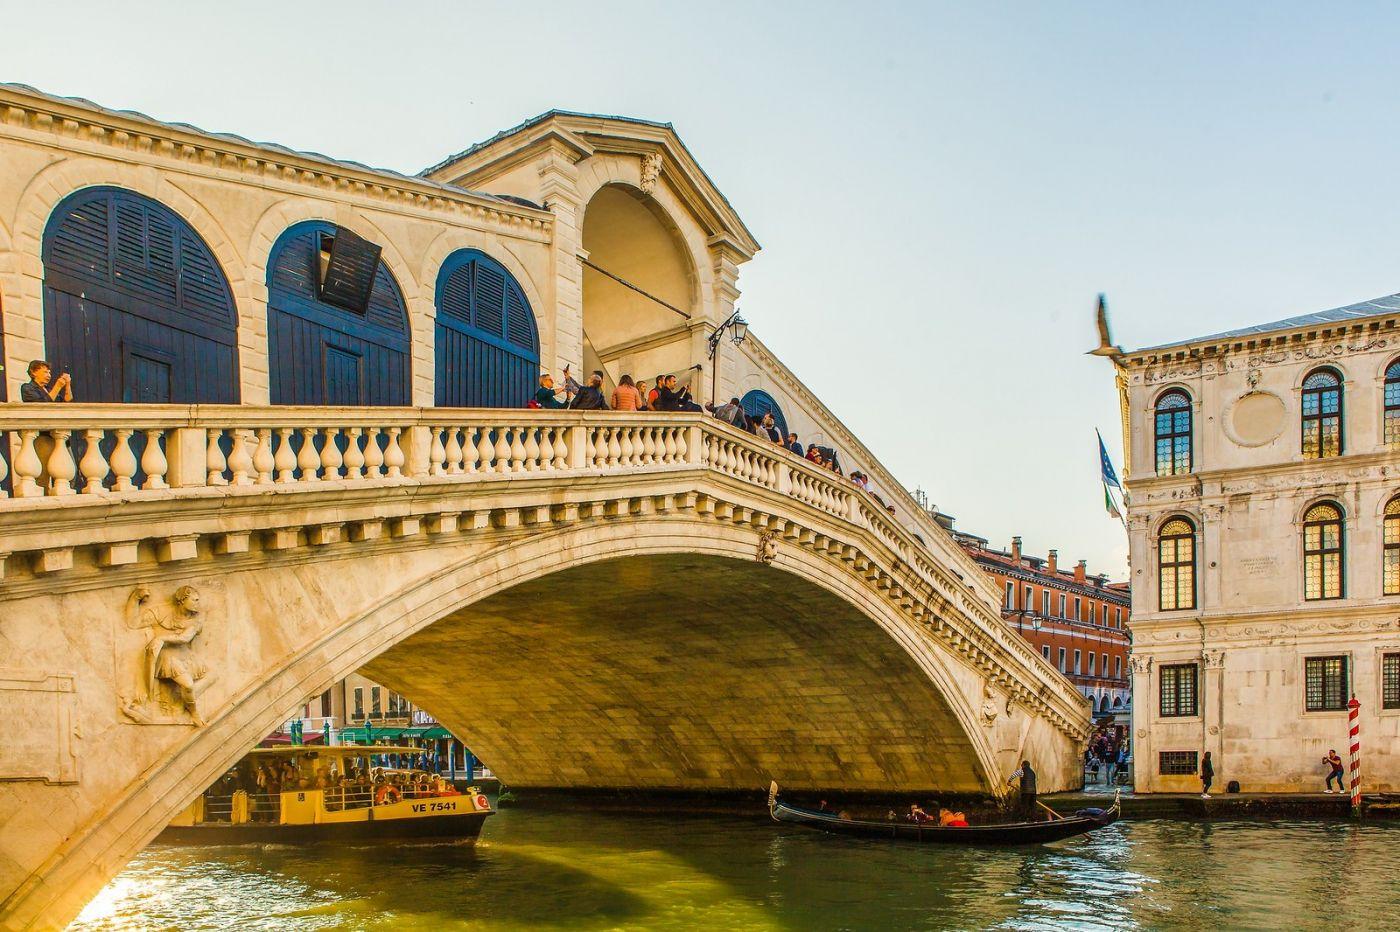 意大利威尼斯,桥的艺术_图1-24